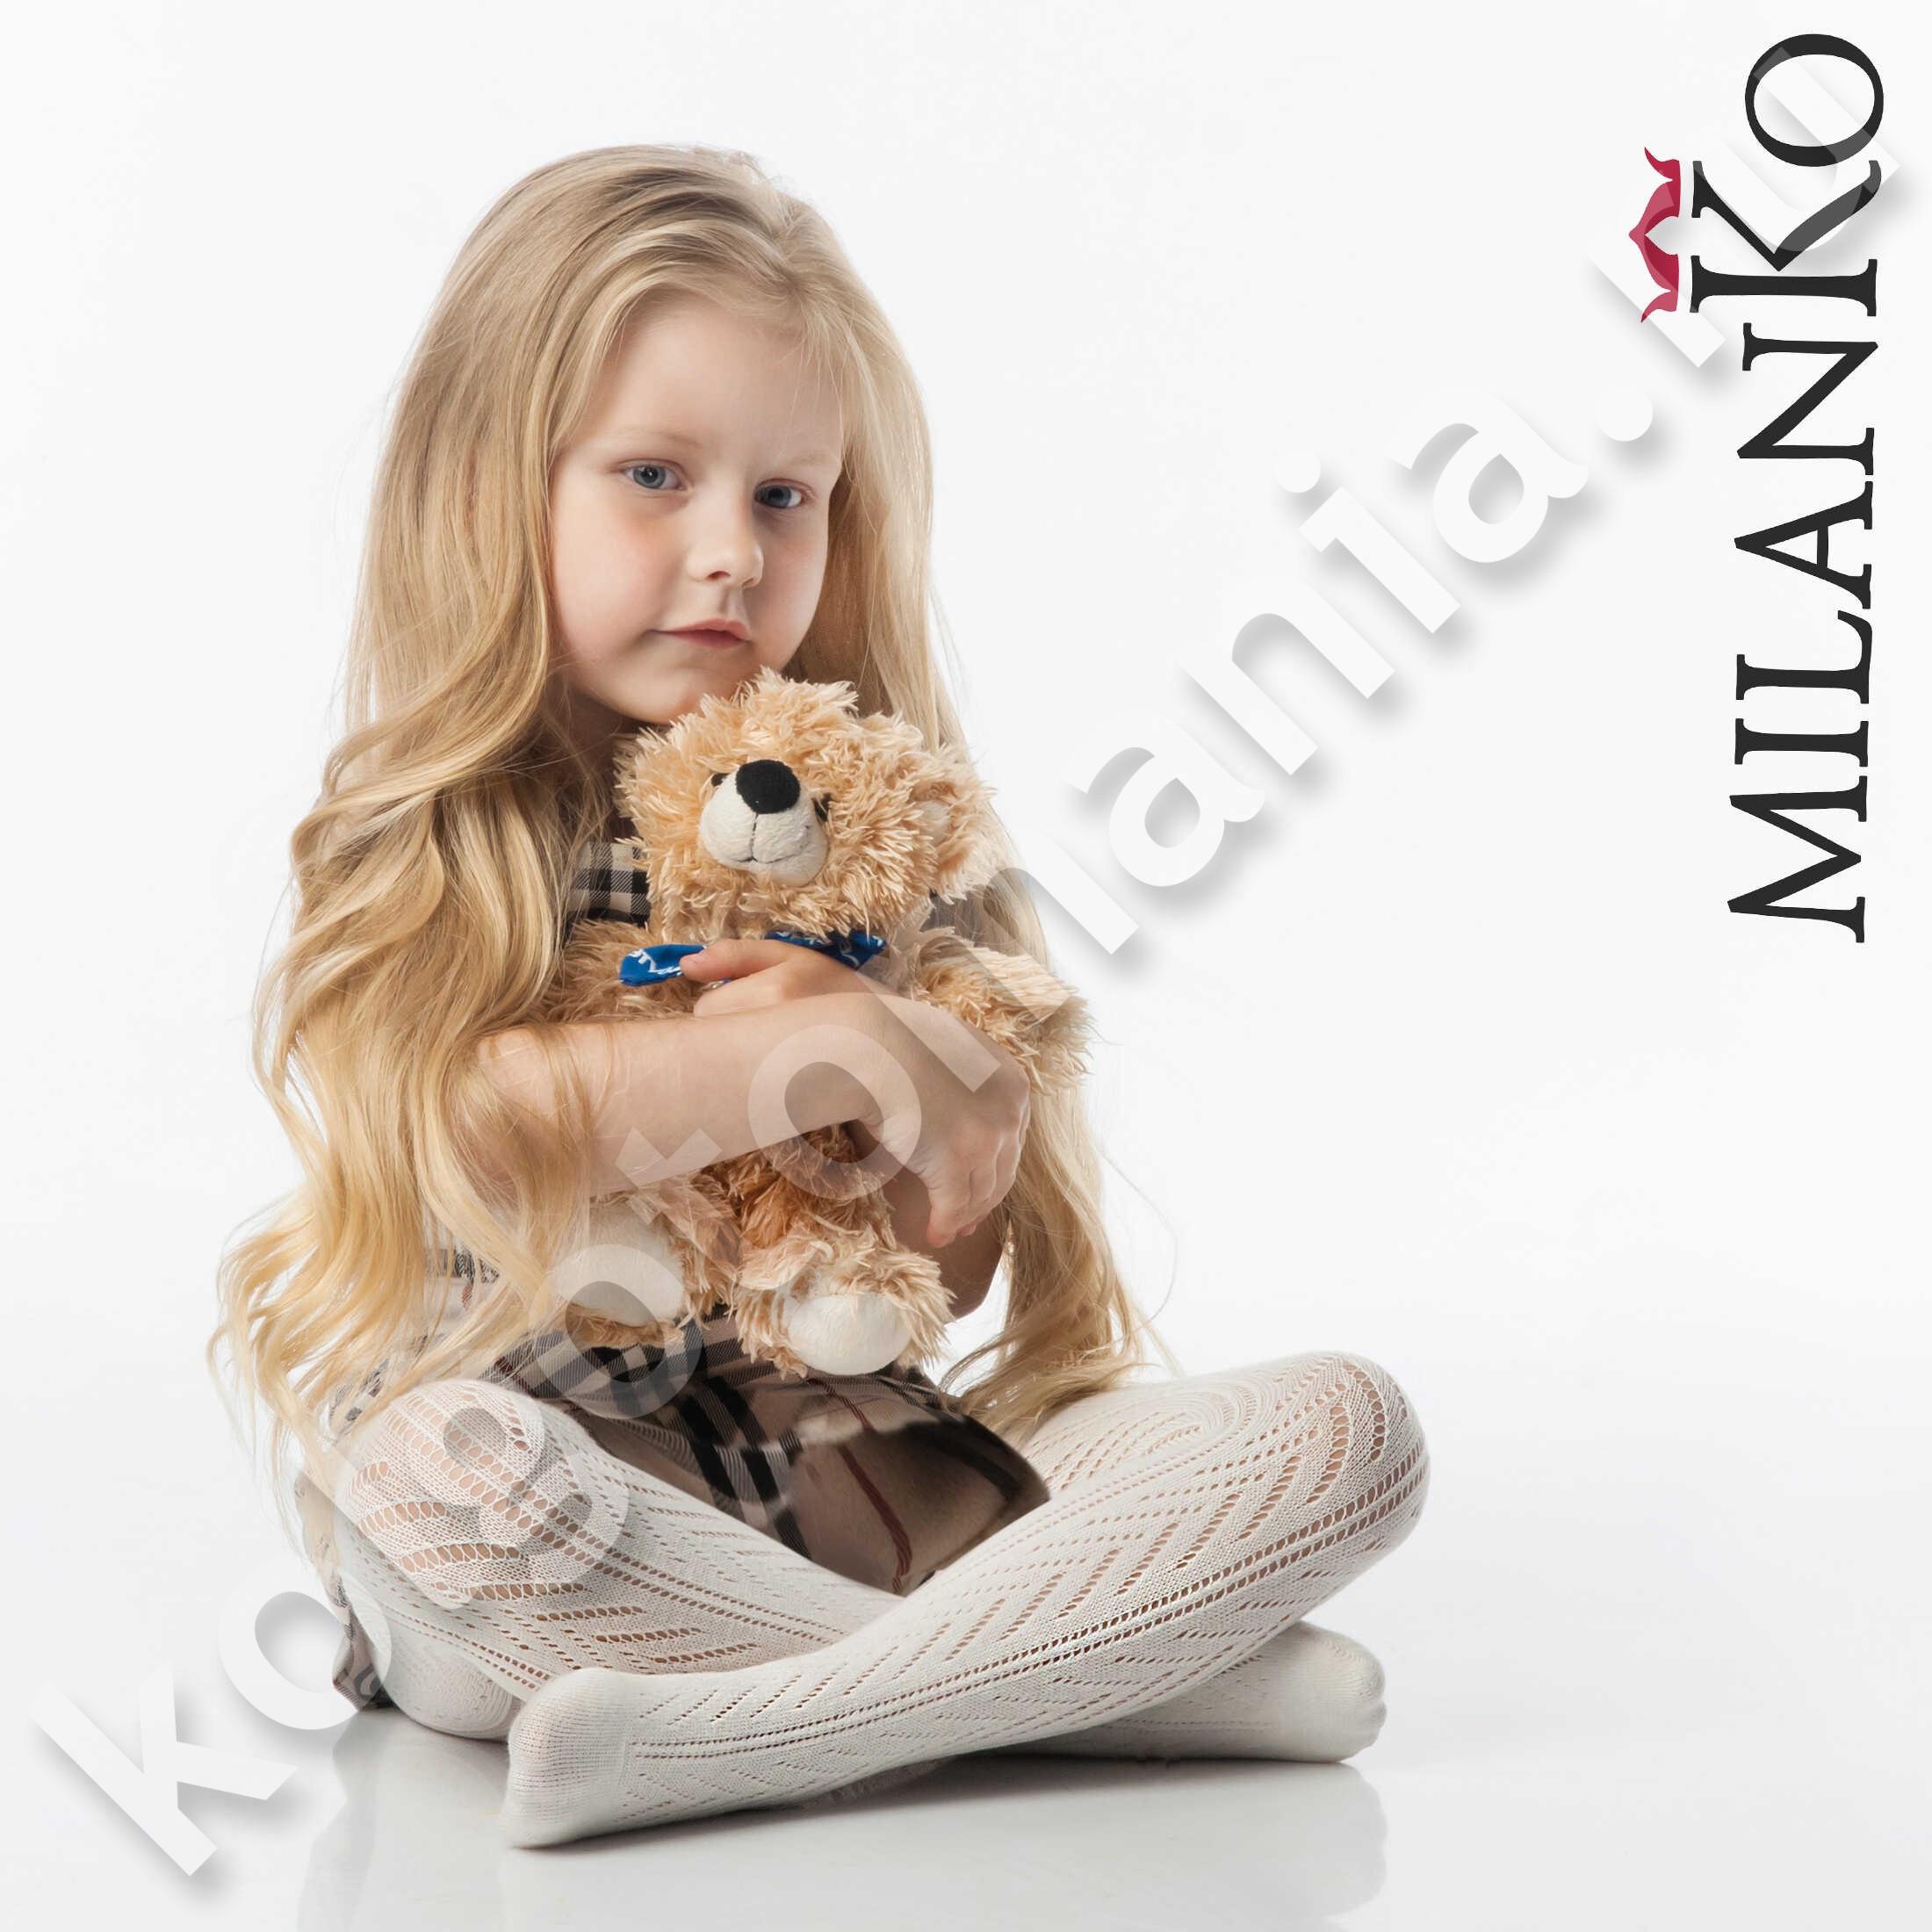 Детские ажурные колготки из хлопка ЦВЕТНЫЕ (Узор 3) MilanKo IN-015